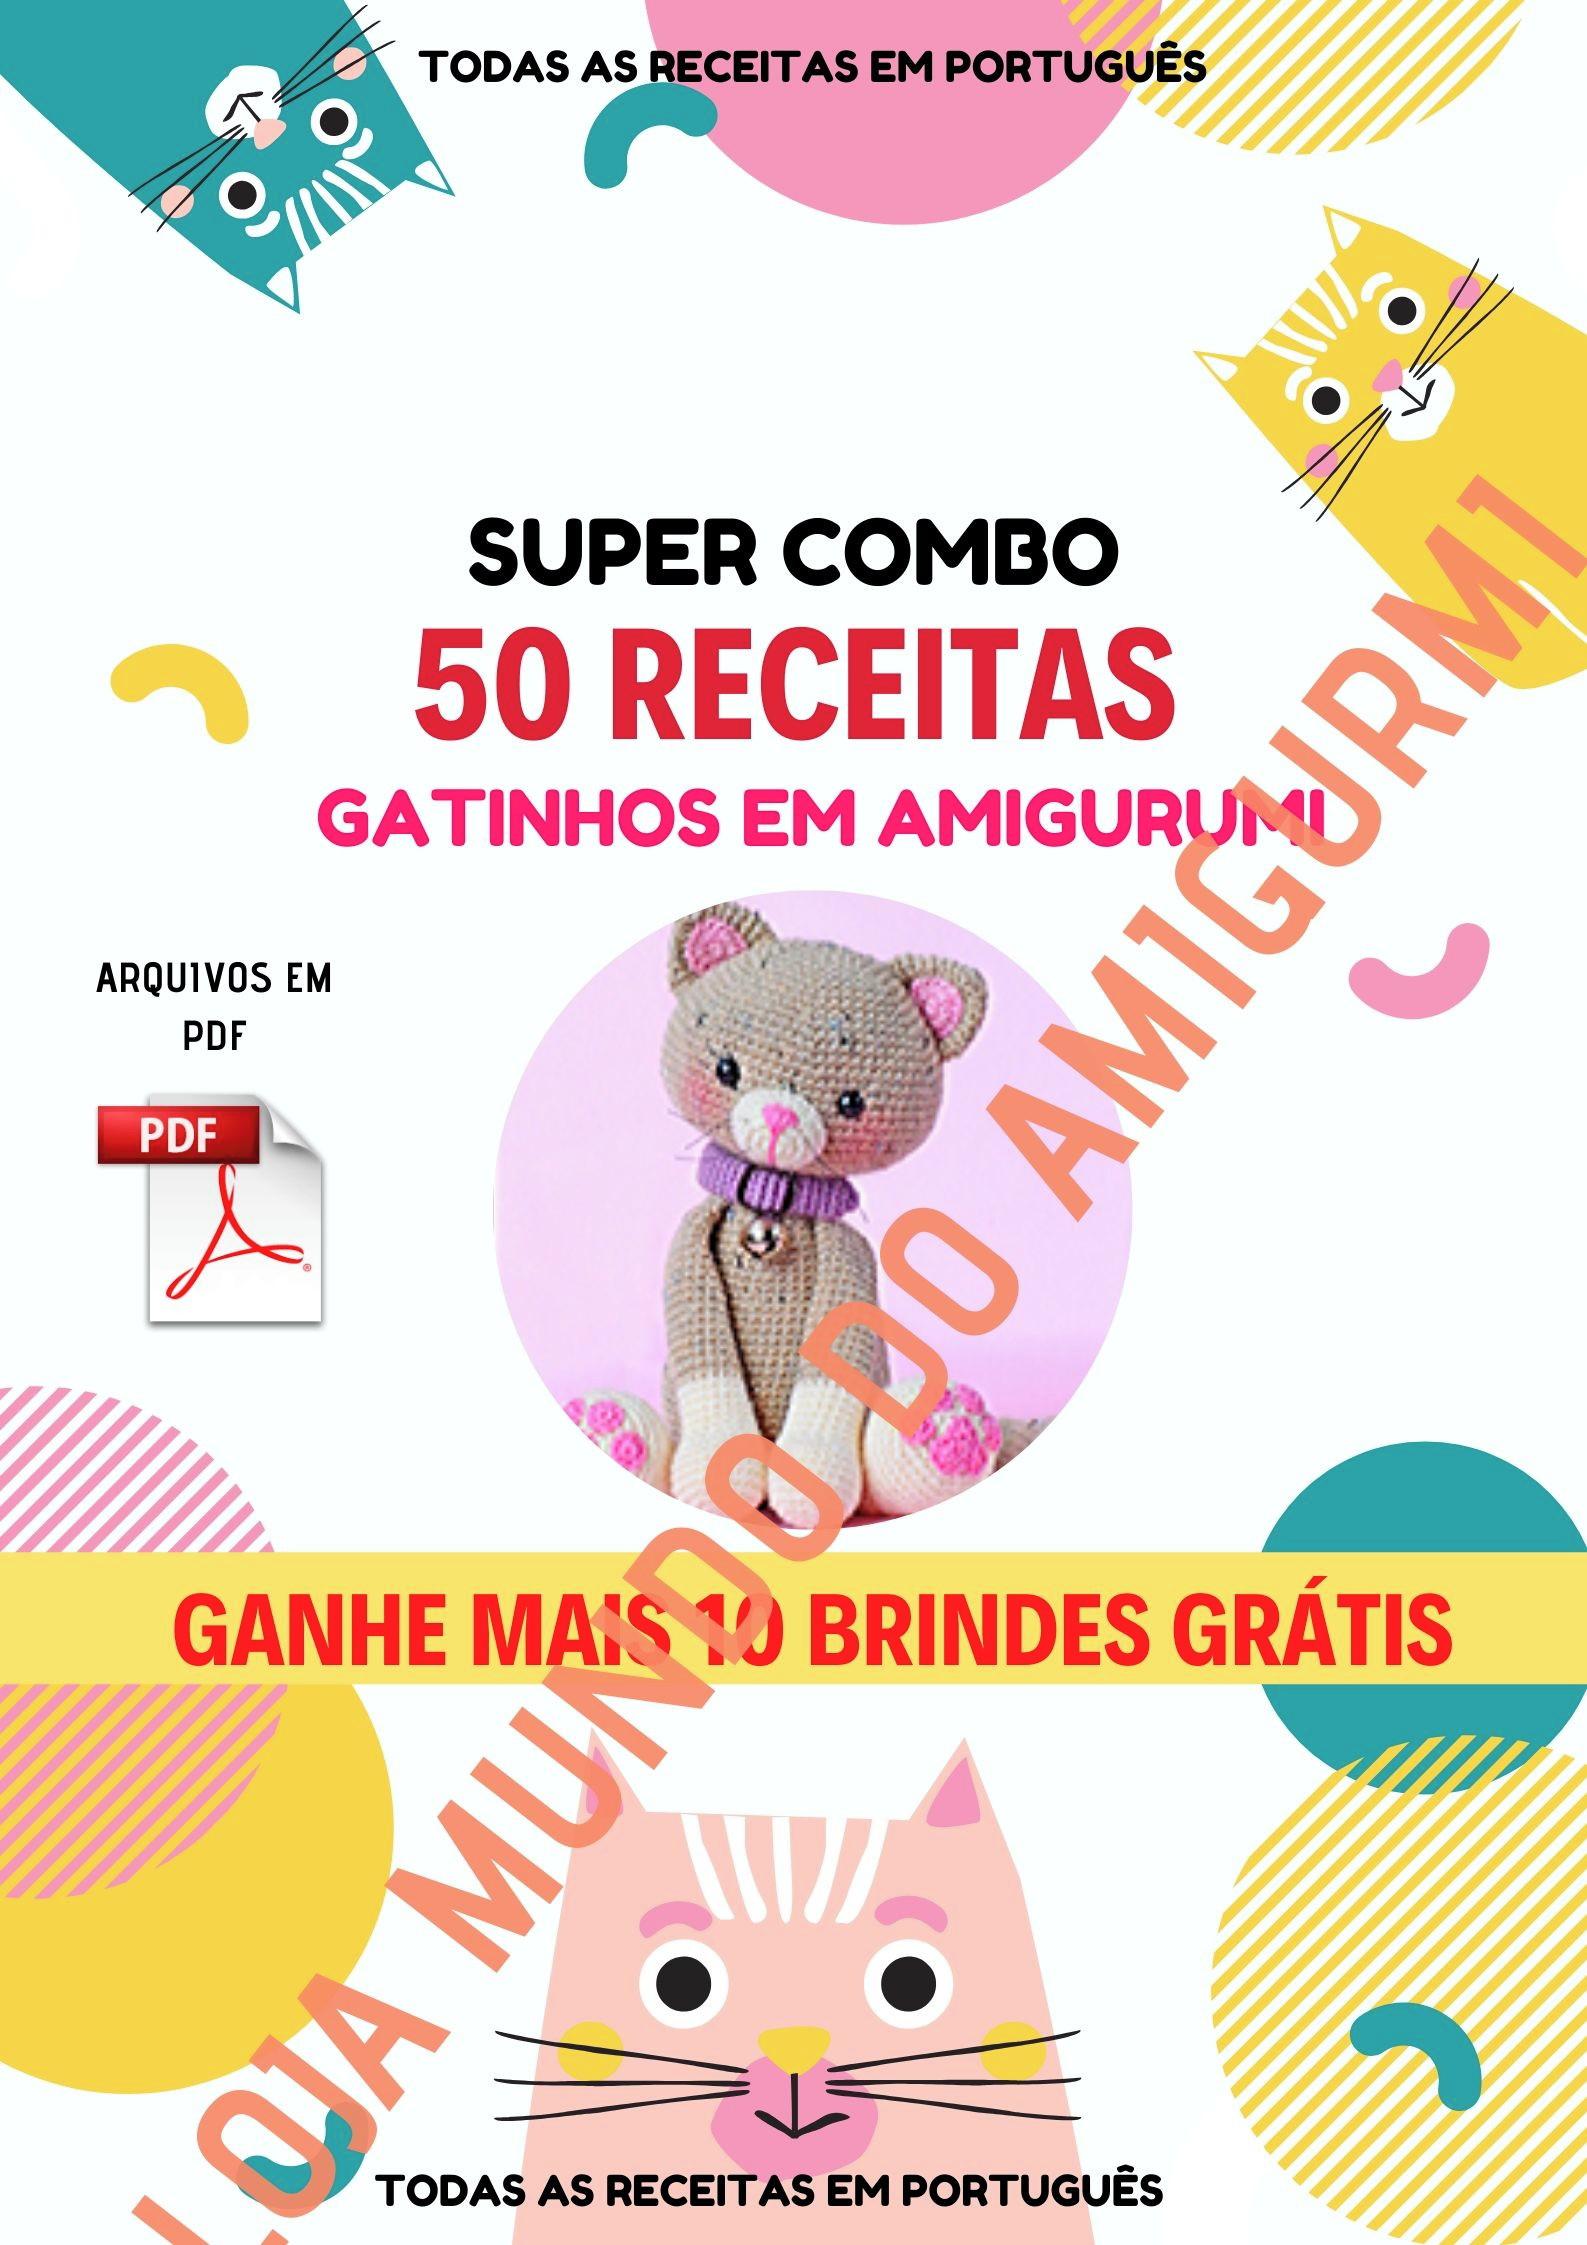 Curso sobre Amigurumi. São Mais De 1300 Receitas Em Português e 5 ... | 2245x1587